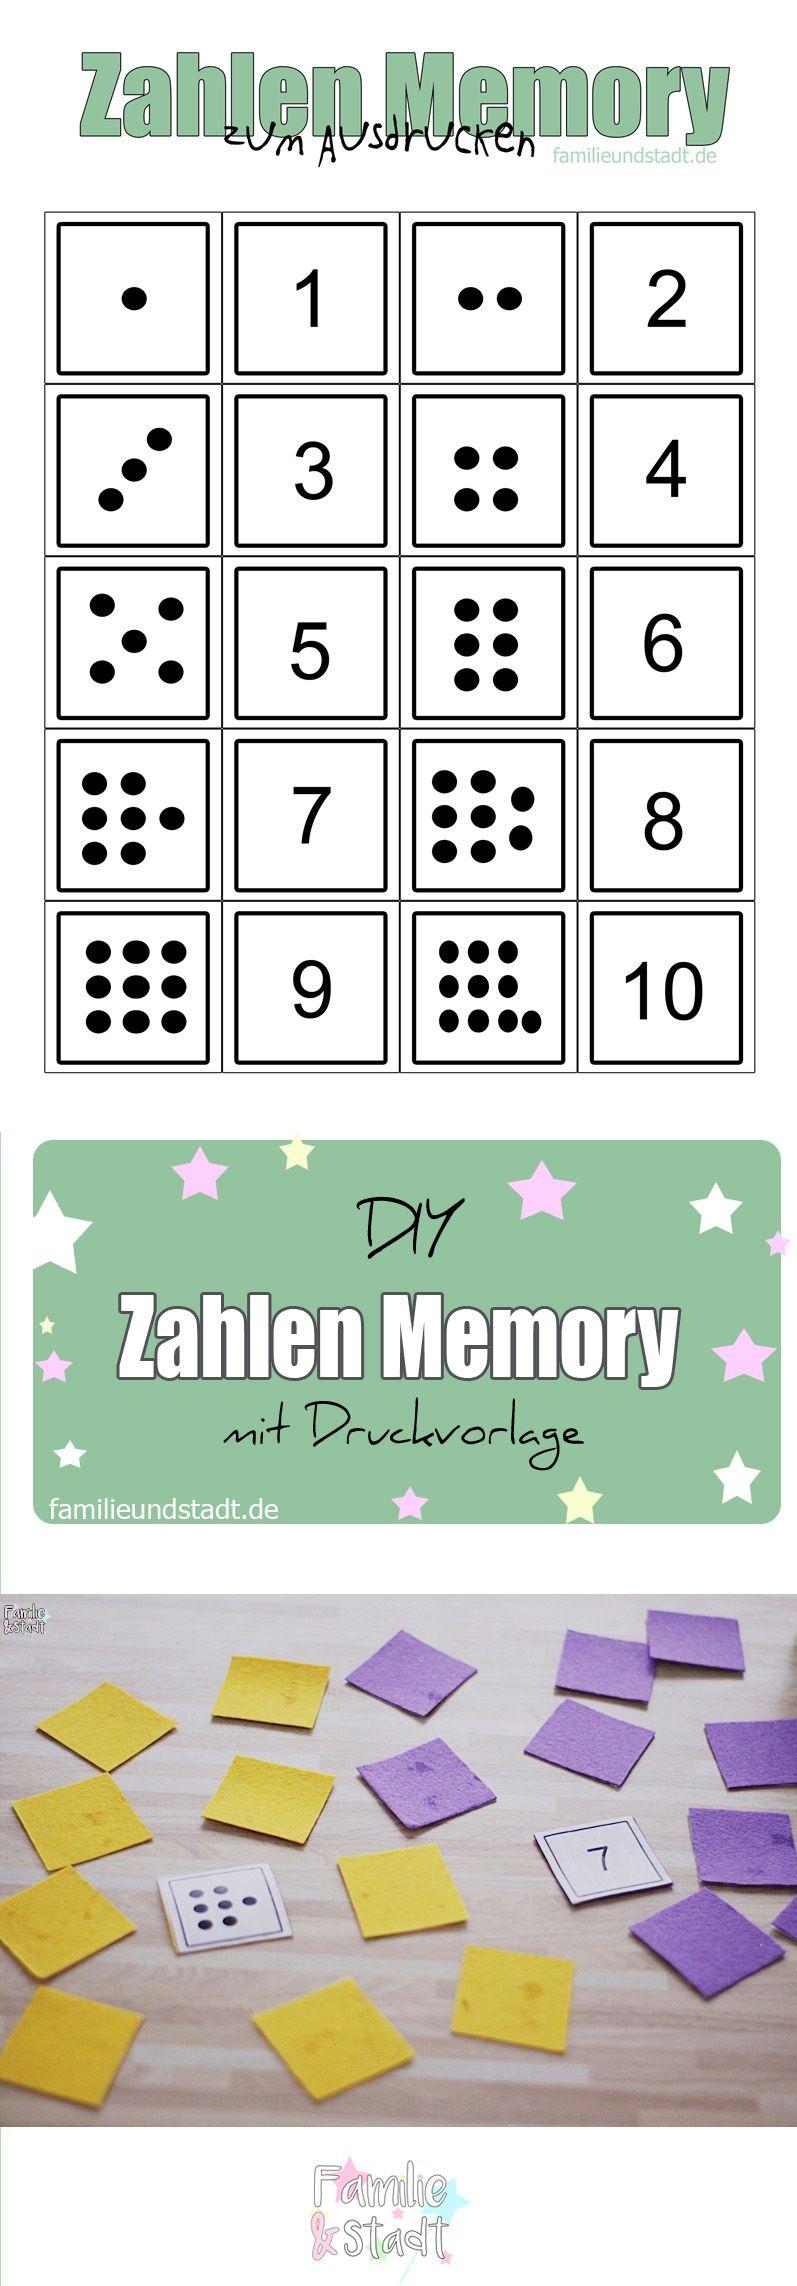 Zahlenmemory Bis 10 Selber Basteln Zum Ausdrucken innen Memory Für Kindergartenkinder Online